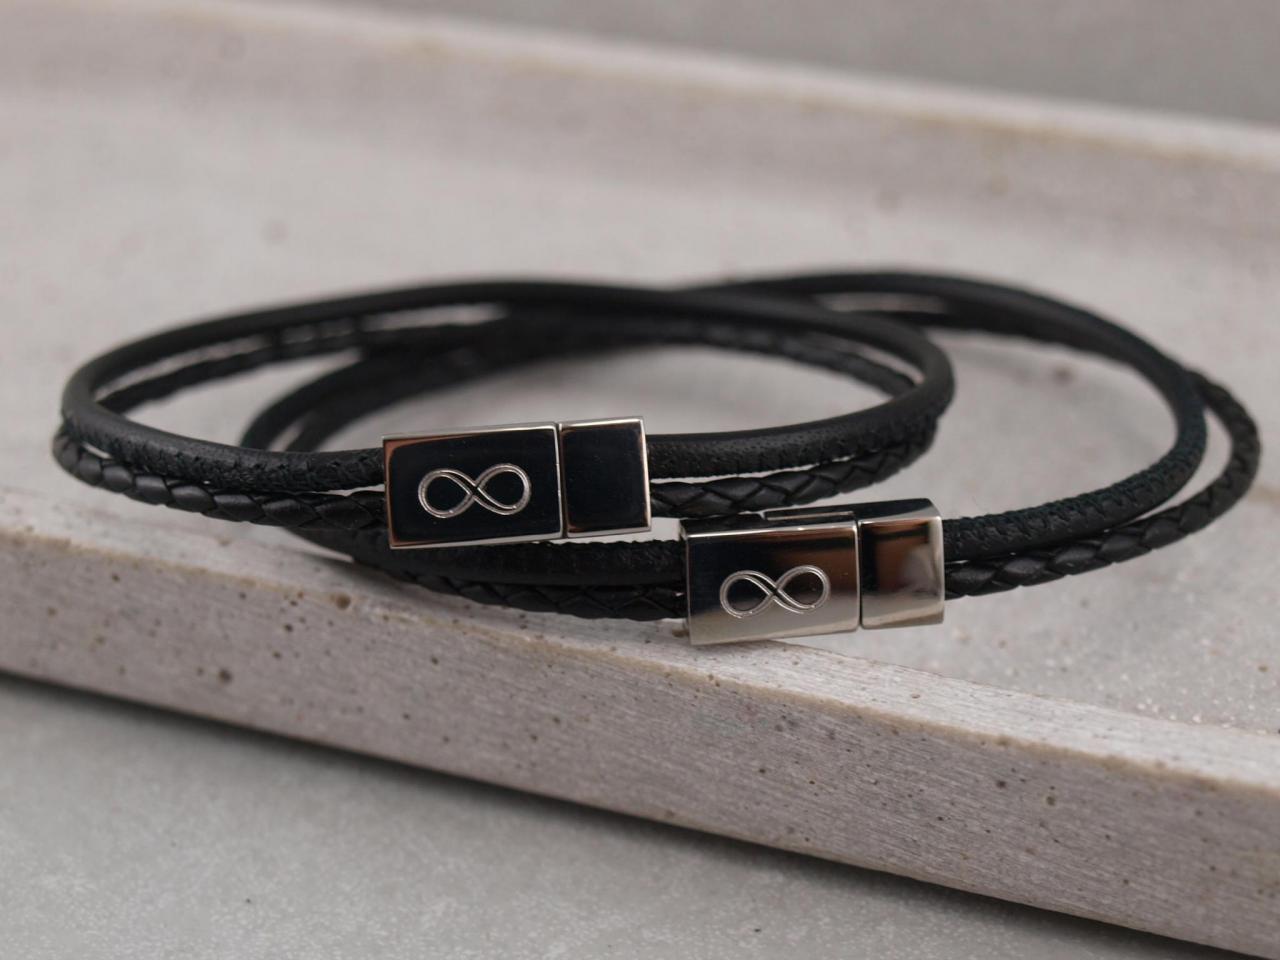 """Partnerarmbandset Jona und Jona Unendlichkeitszeichen Lederfarbe schwarz Auf einen Klick!"""" schnell, ein persönliches Geschenk mit Gravur!"""